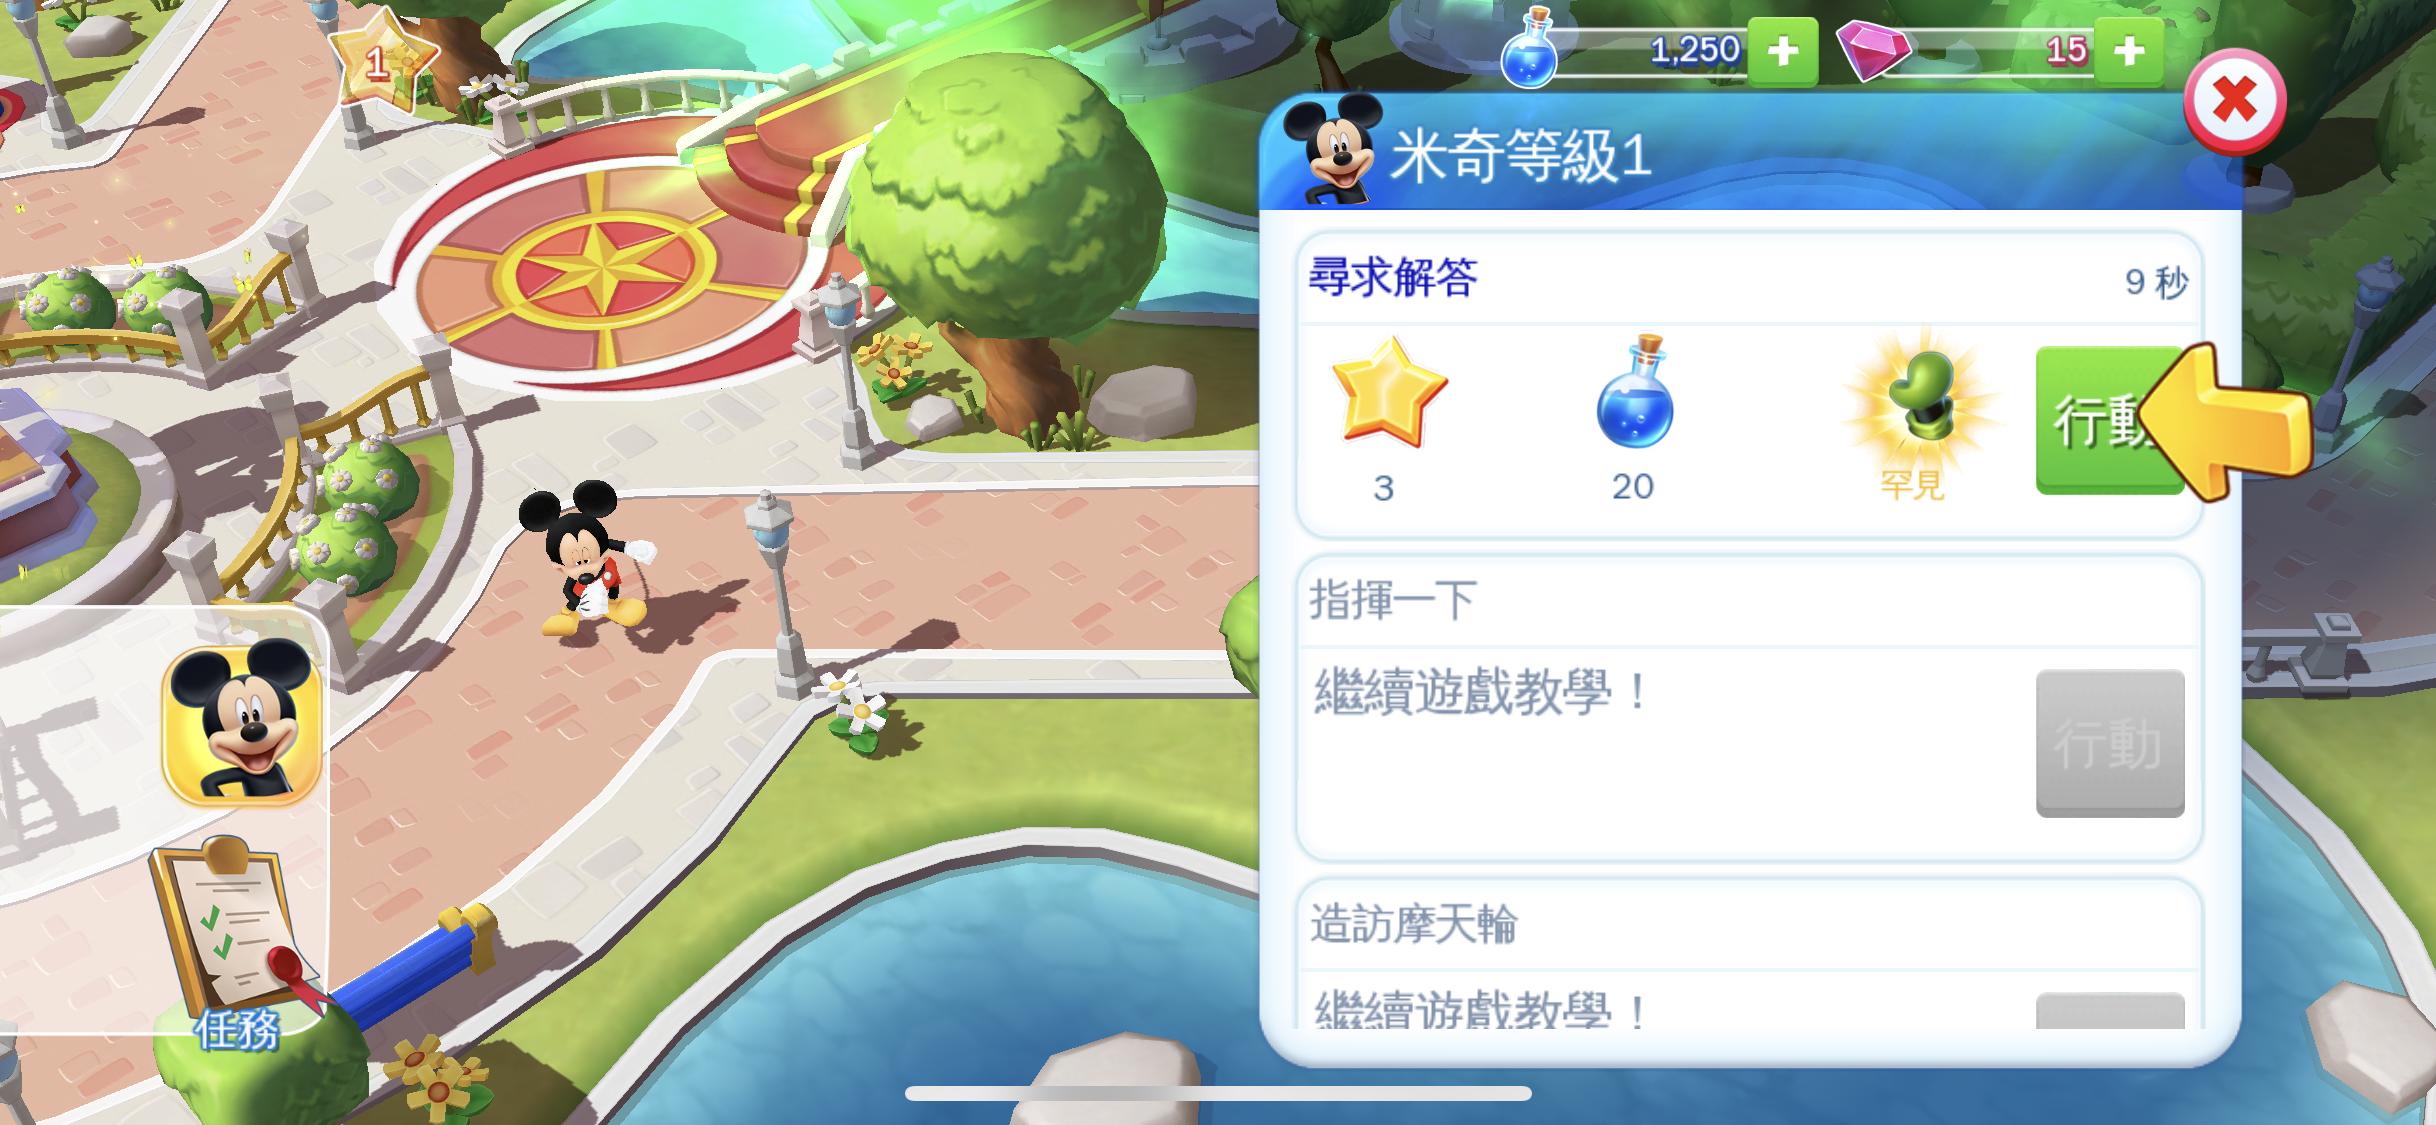 「迪士尼梦幻王国」游戏介绍